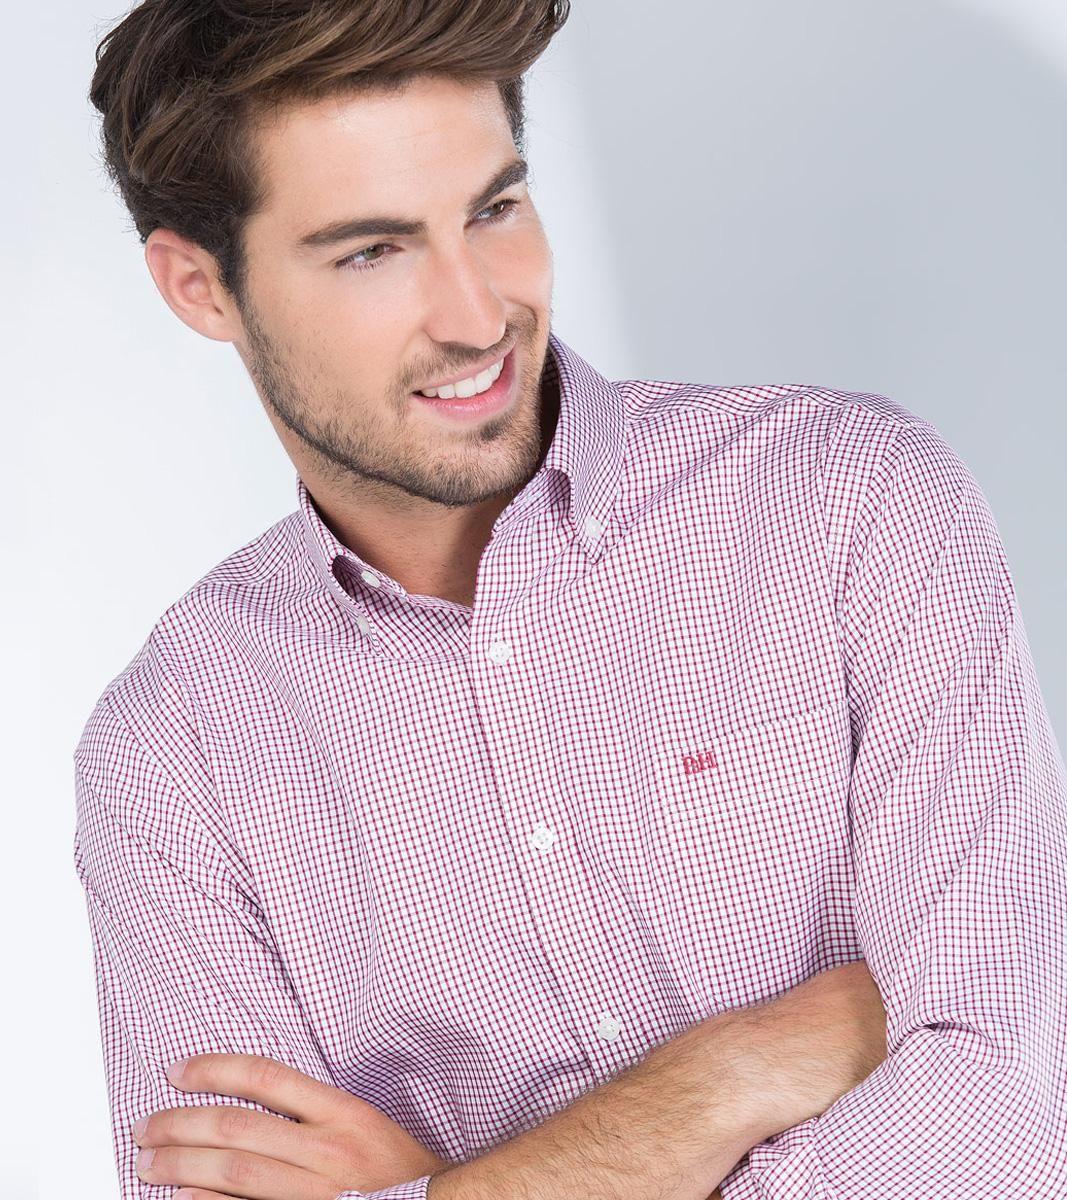 Camisa cuadro ventana de la marca Pedro del Hierro con descuento del -40%: http://www.manzanosmoda.es/camisas/222-camisa-cuadro-ventana-rojo-pedro-del-hierro-.html